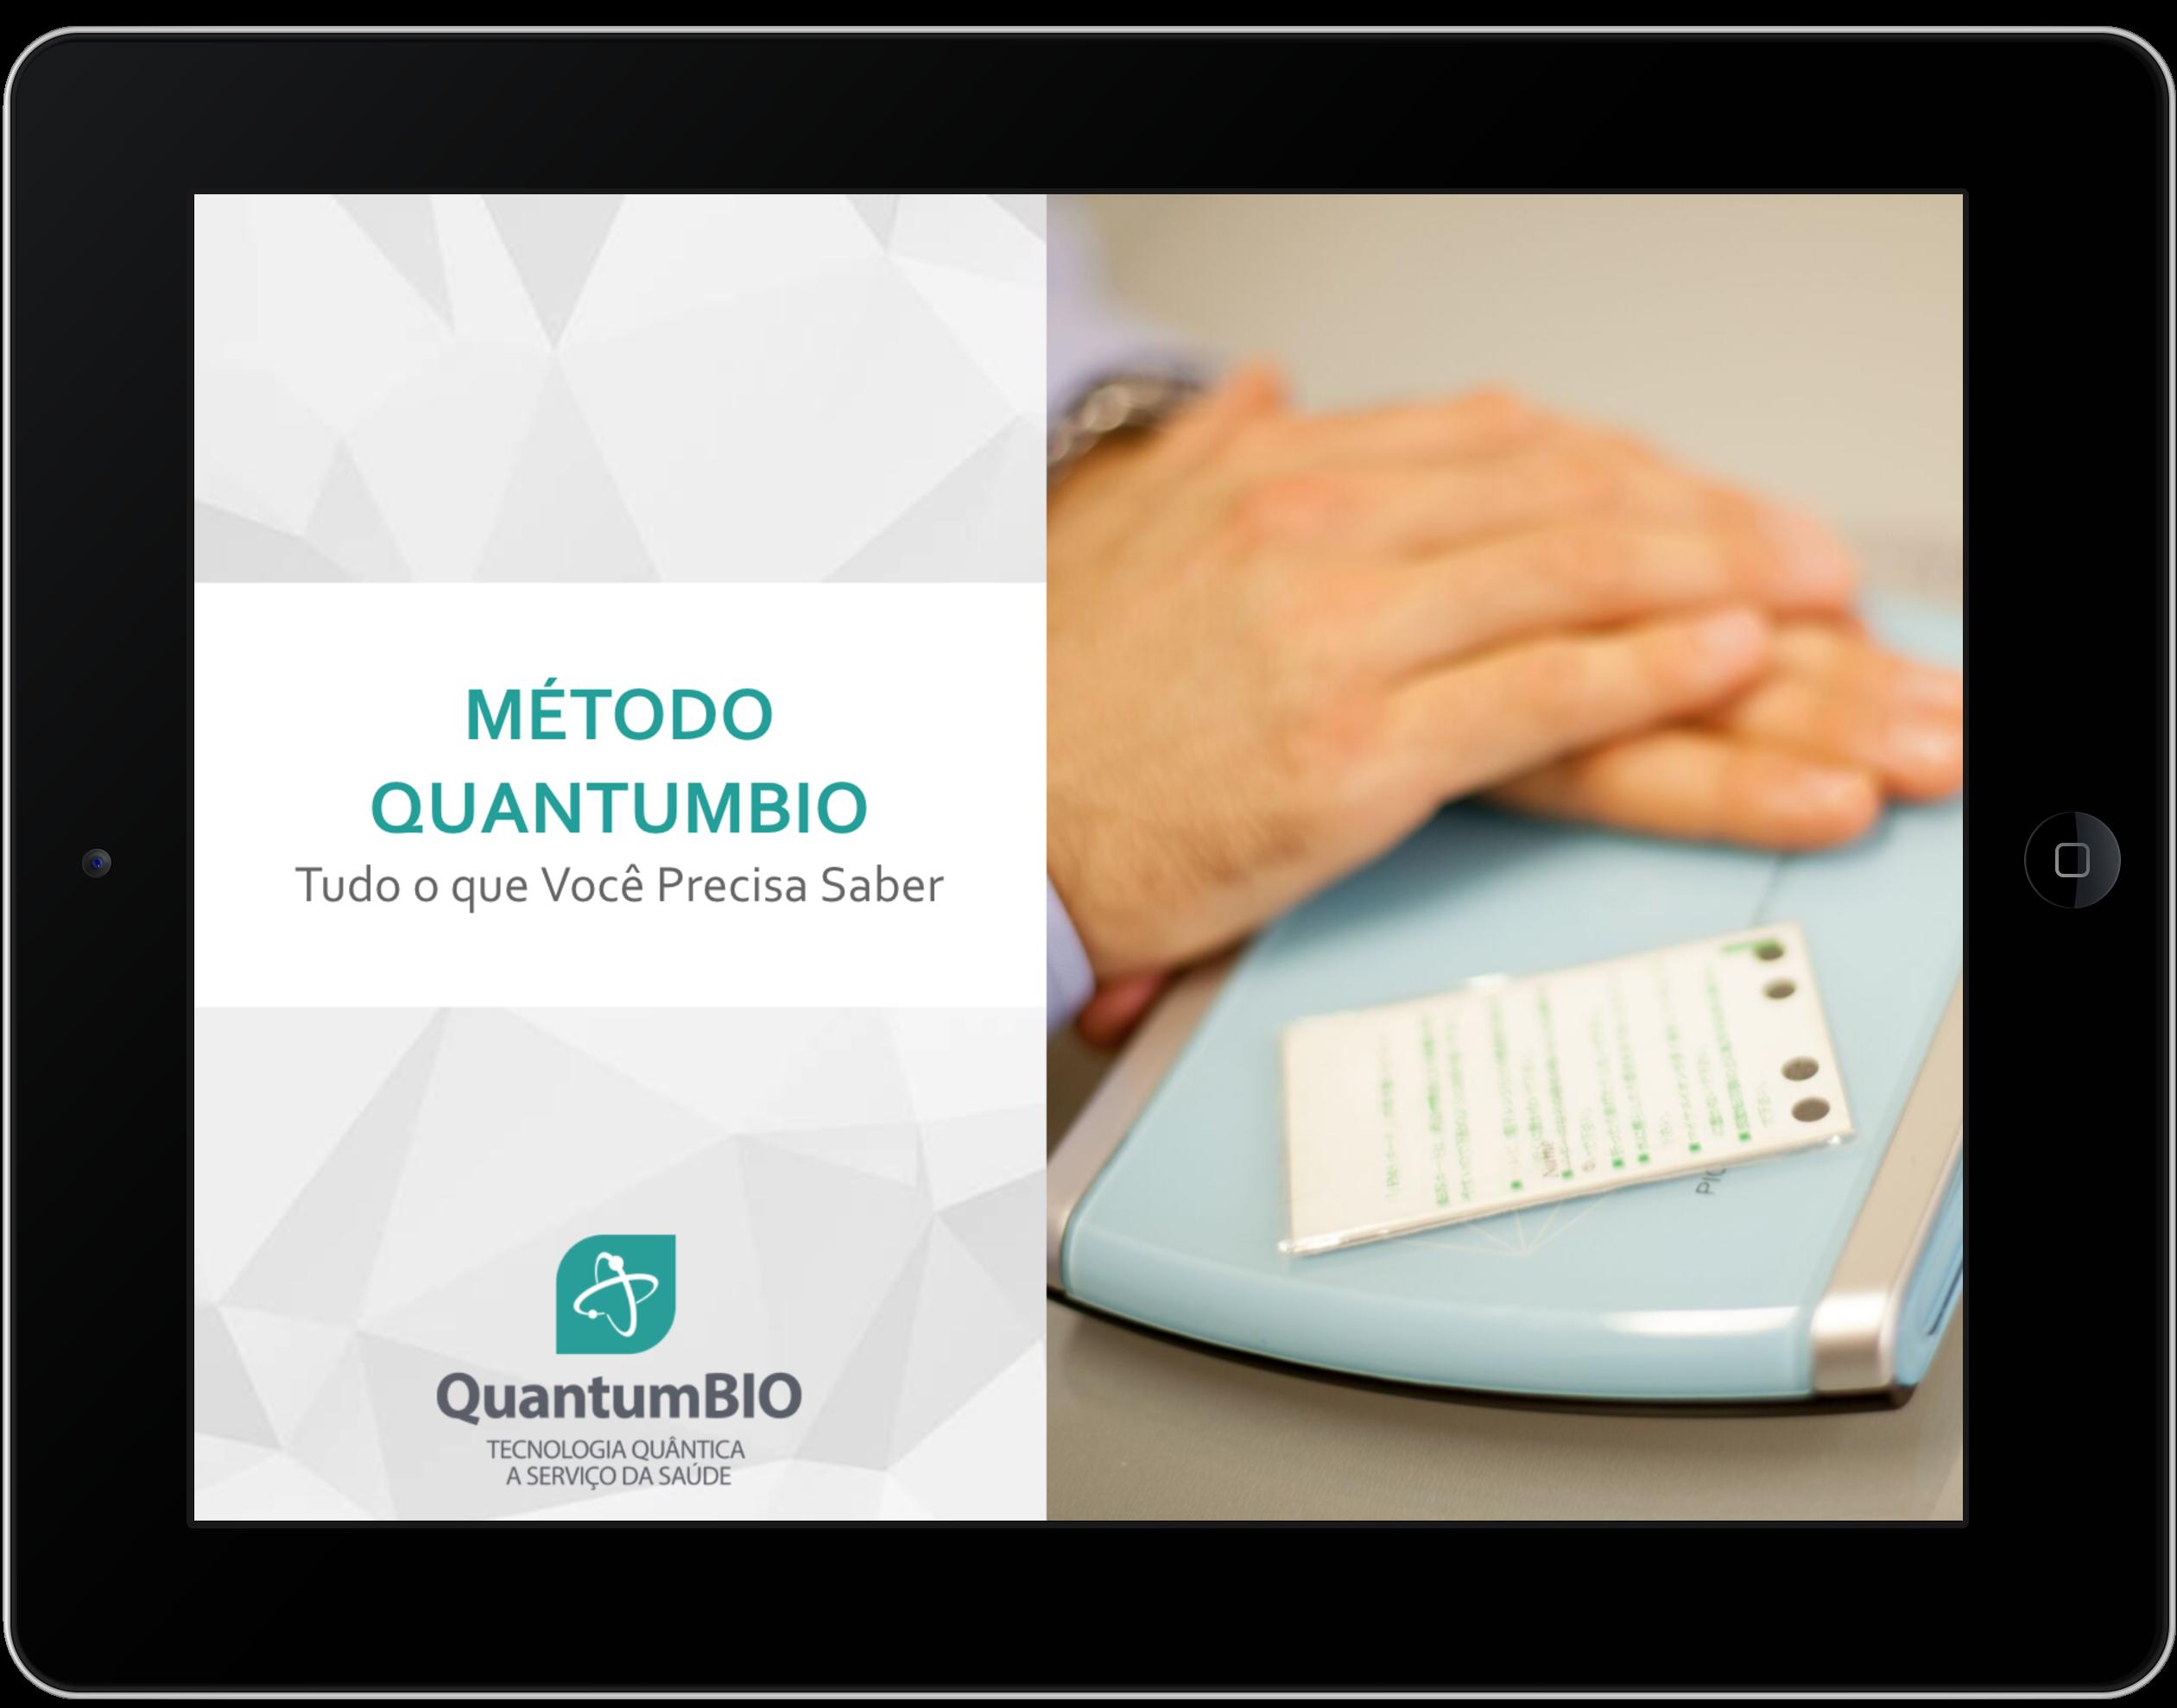 Método QuantumBIO